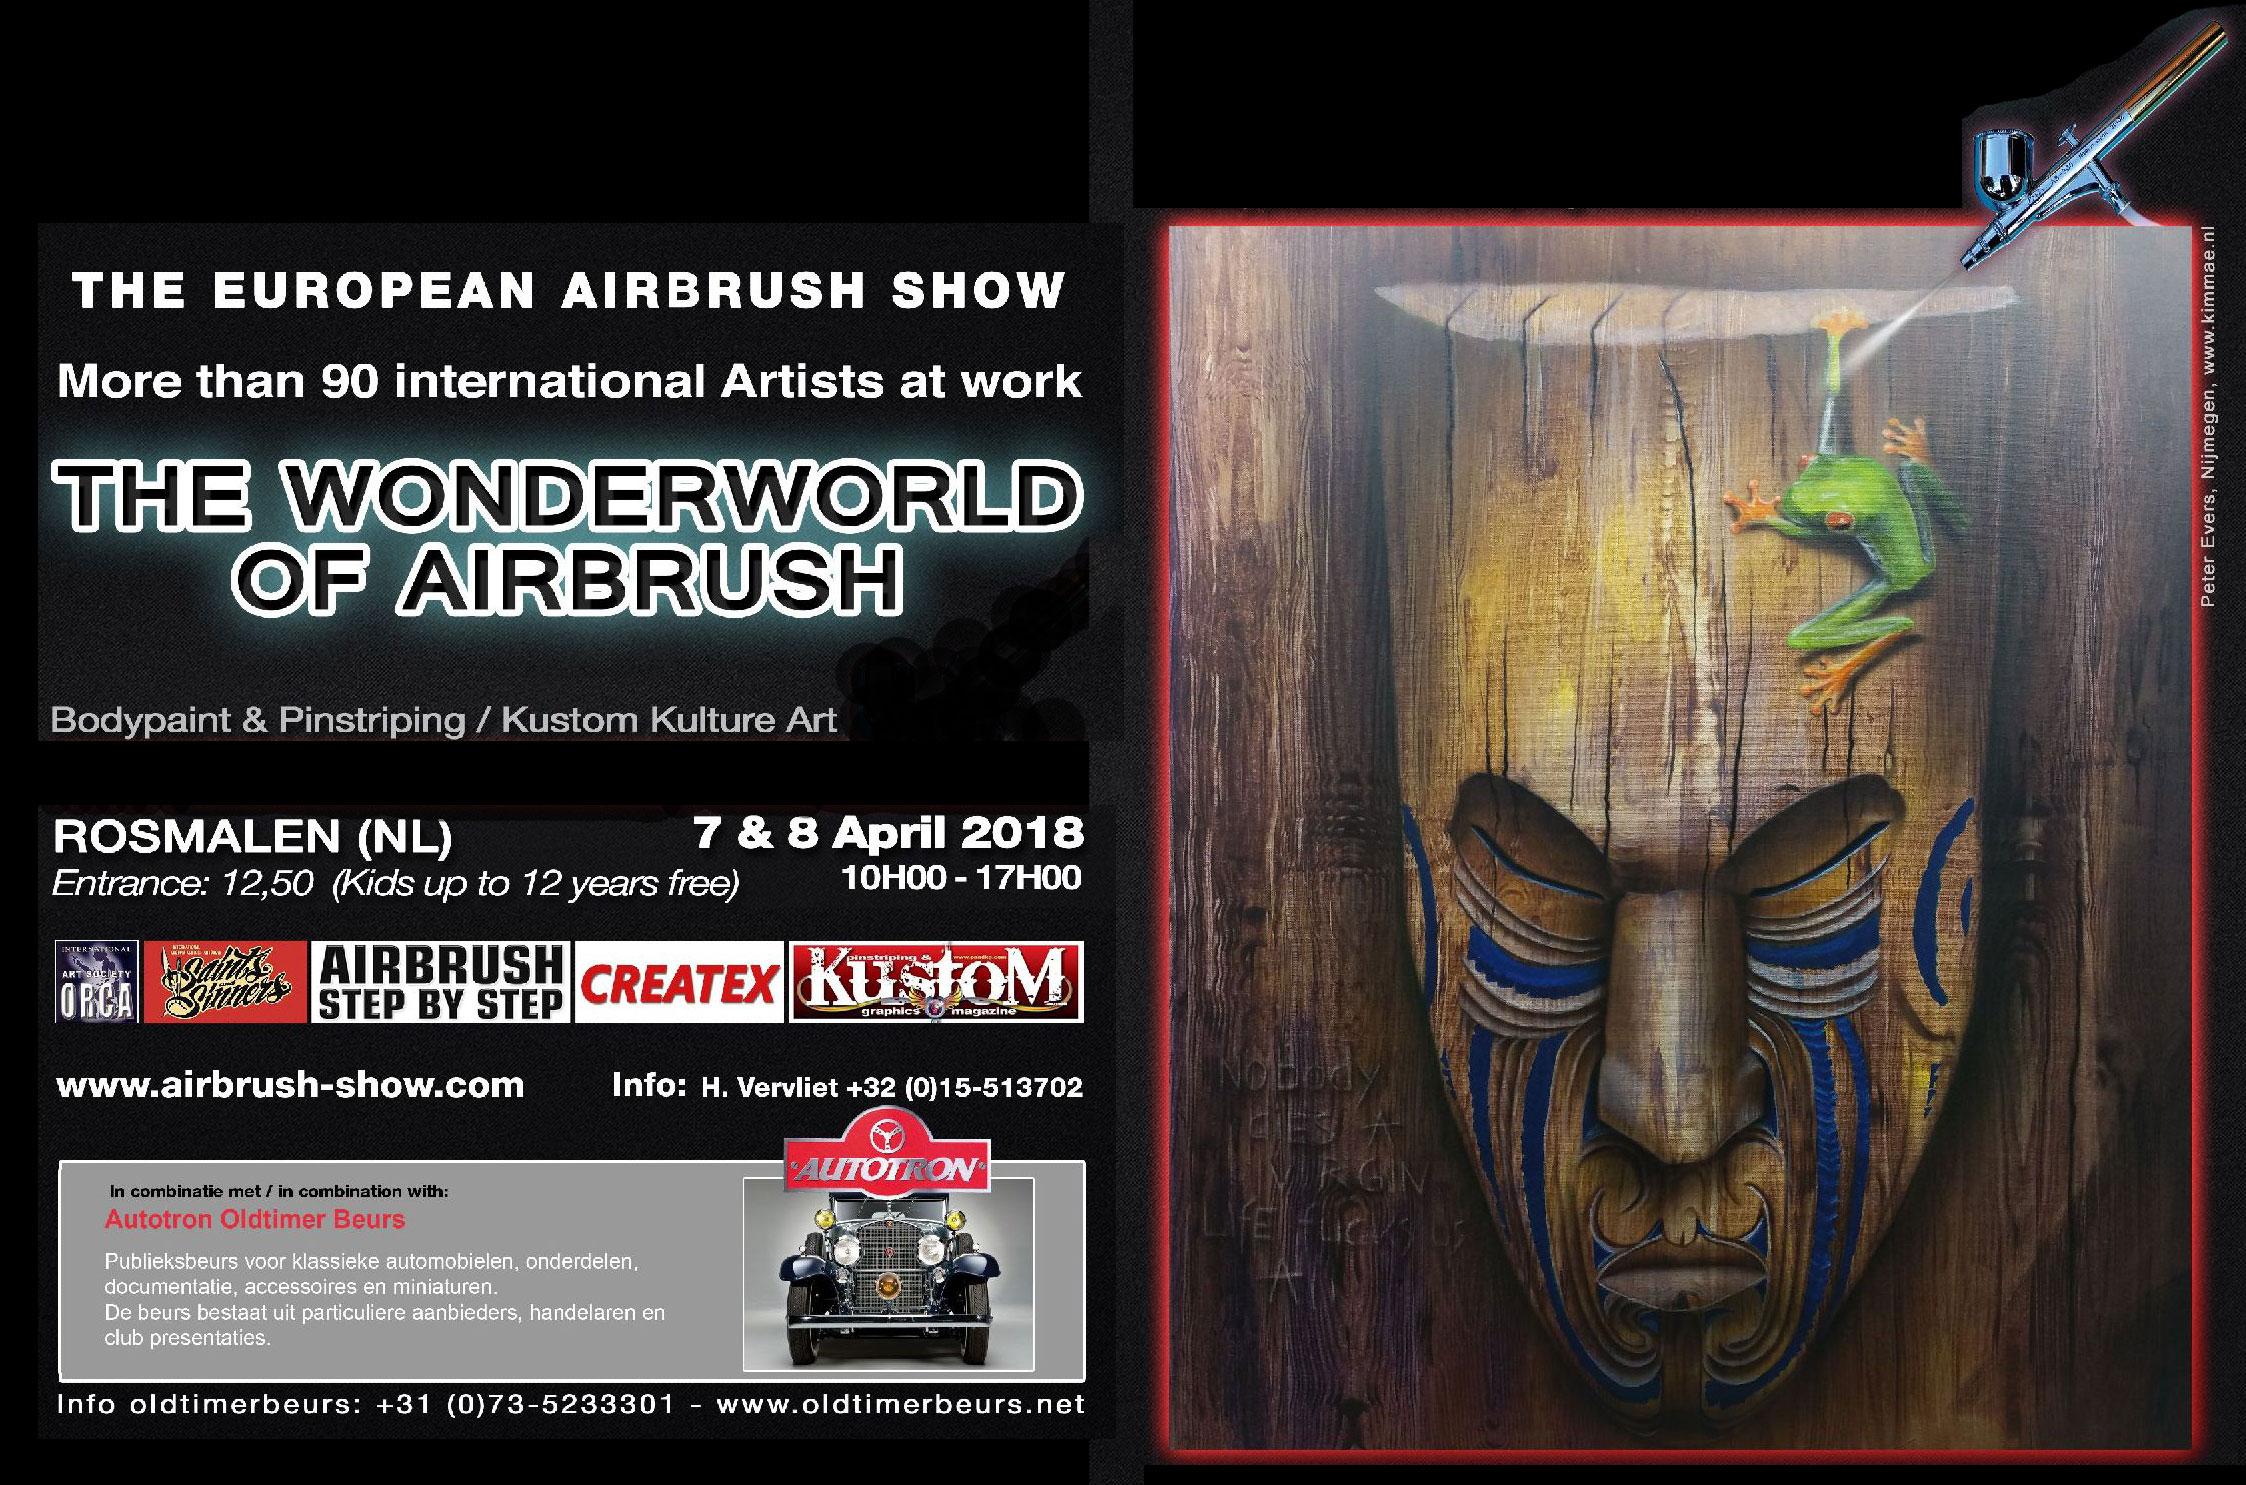 The Wonderworld of Airbrush in Rosmalen: Airbrush meets Kustom Kulture Art